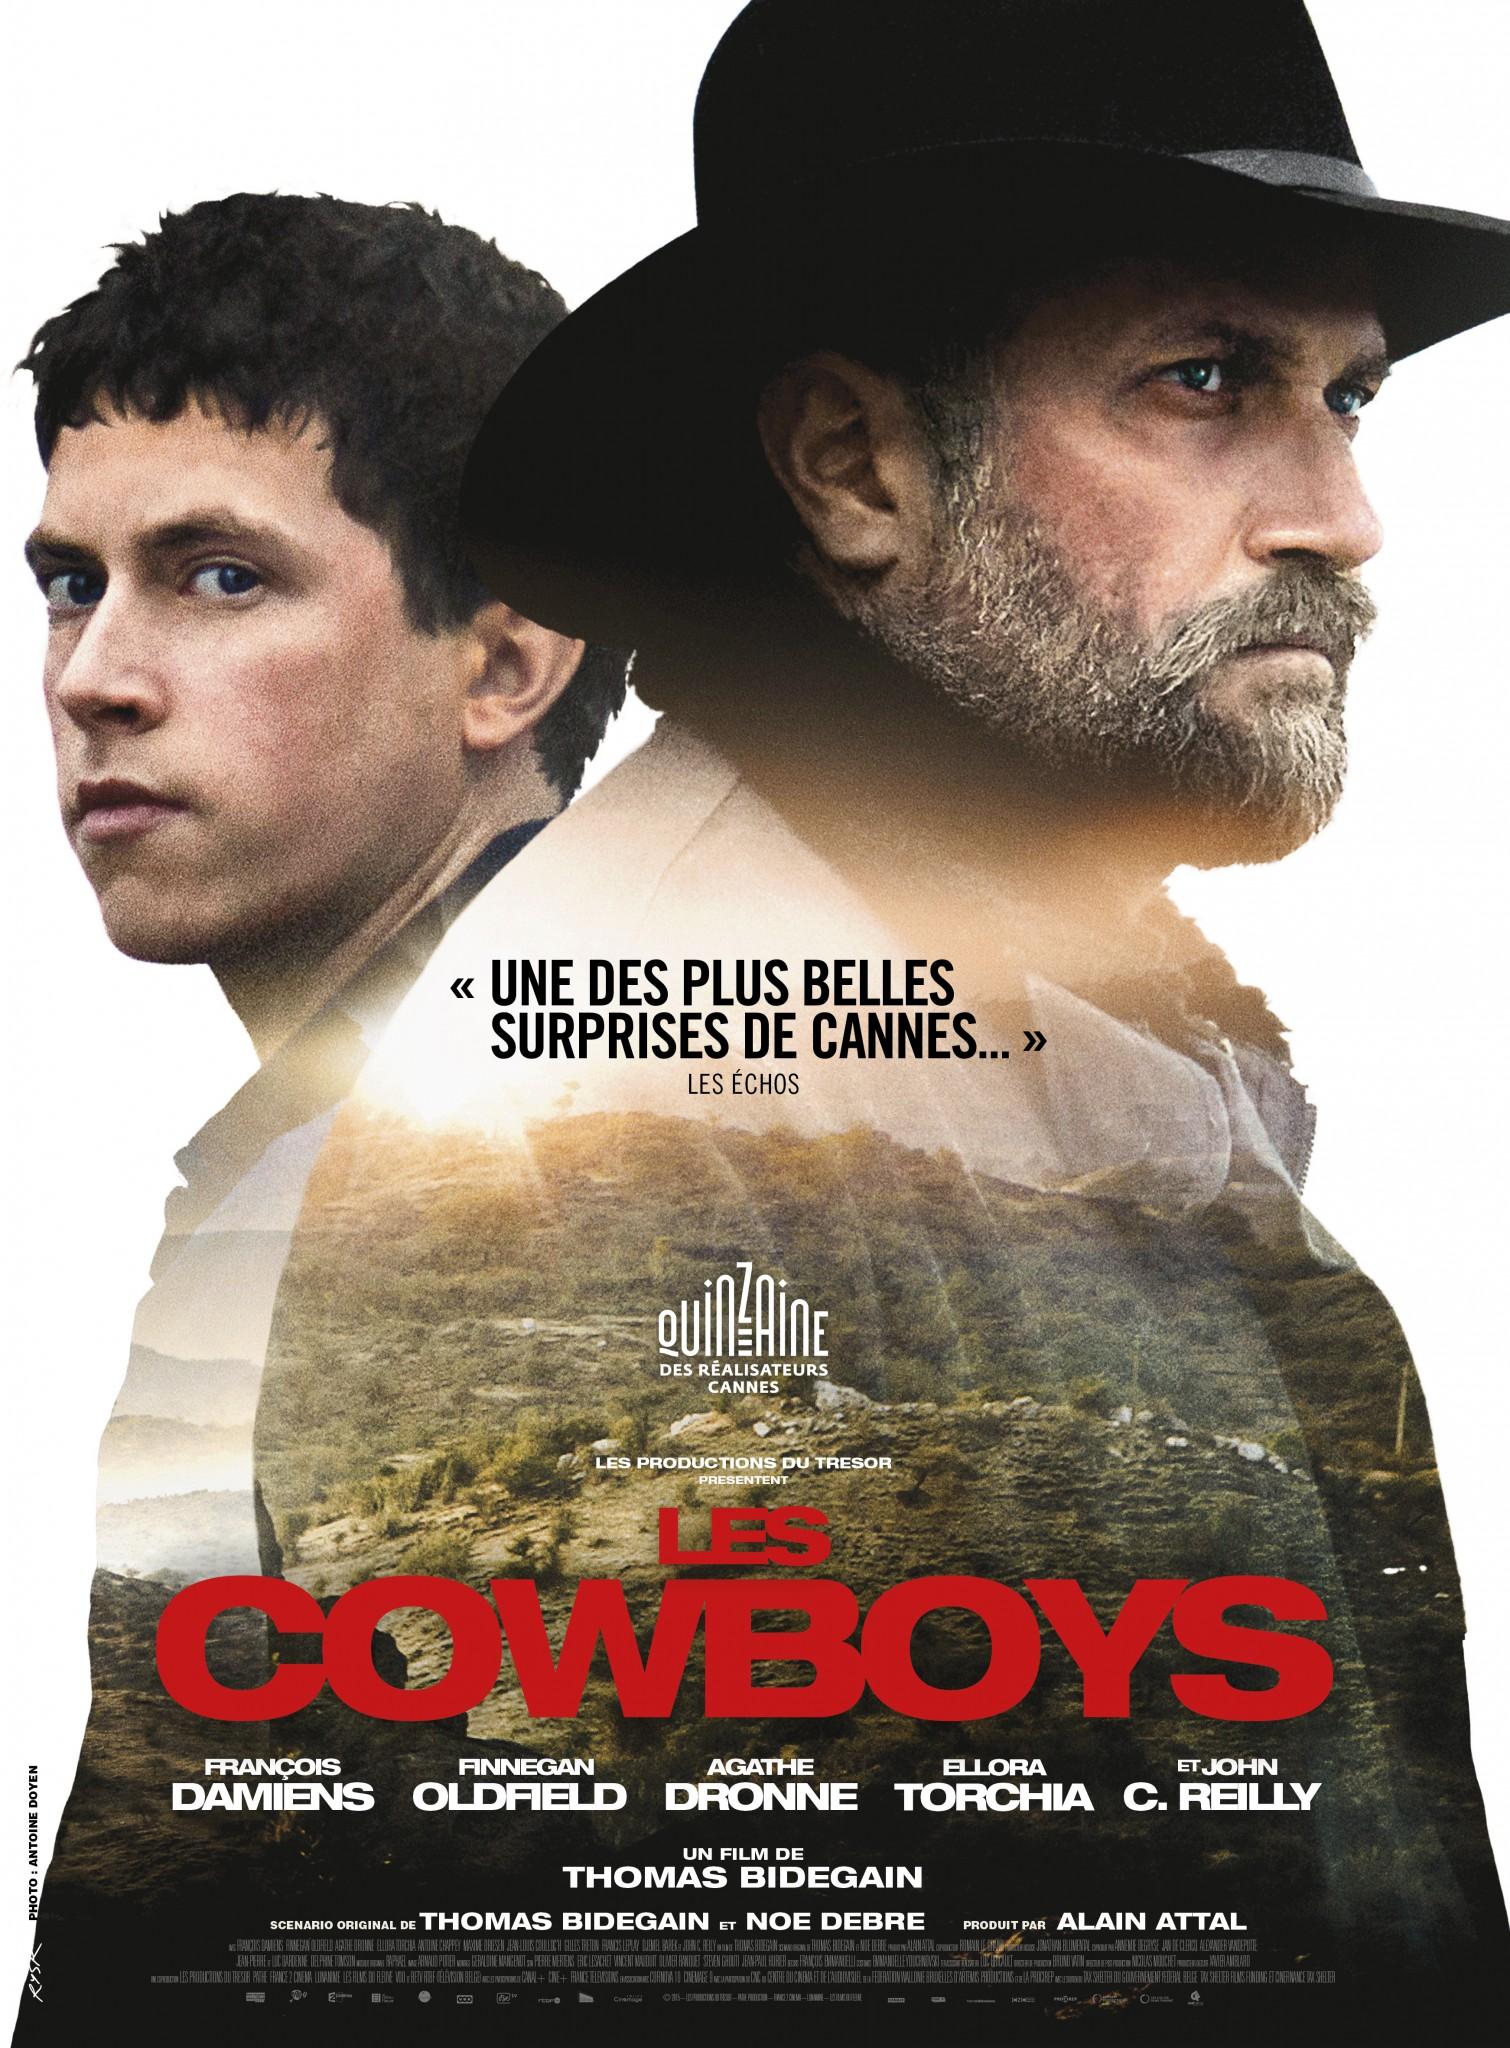 les cowboys - affiche